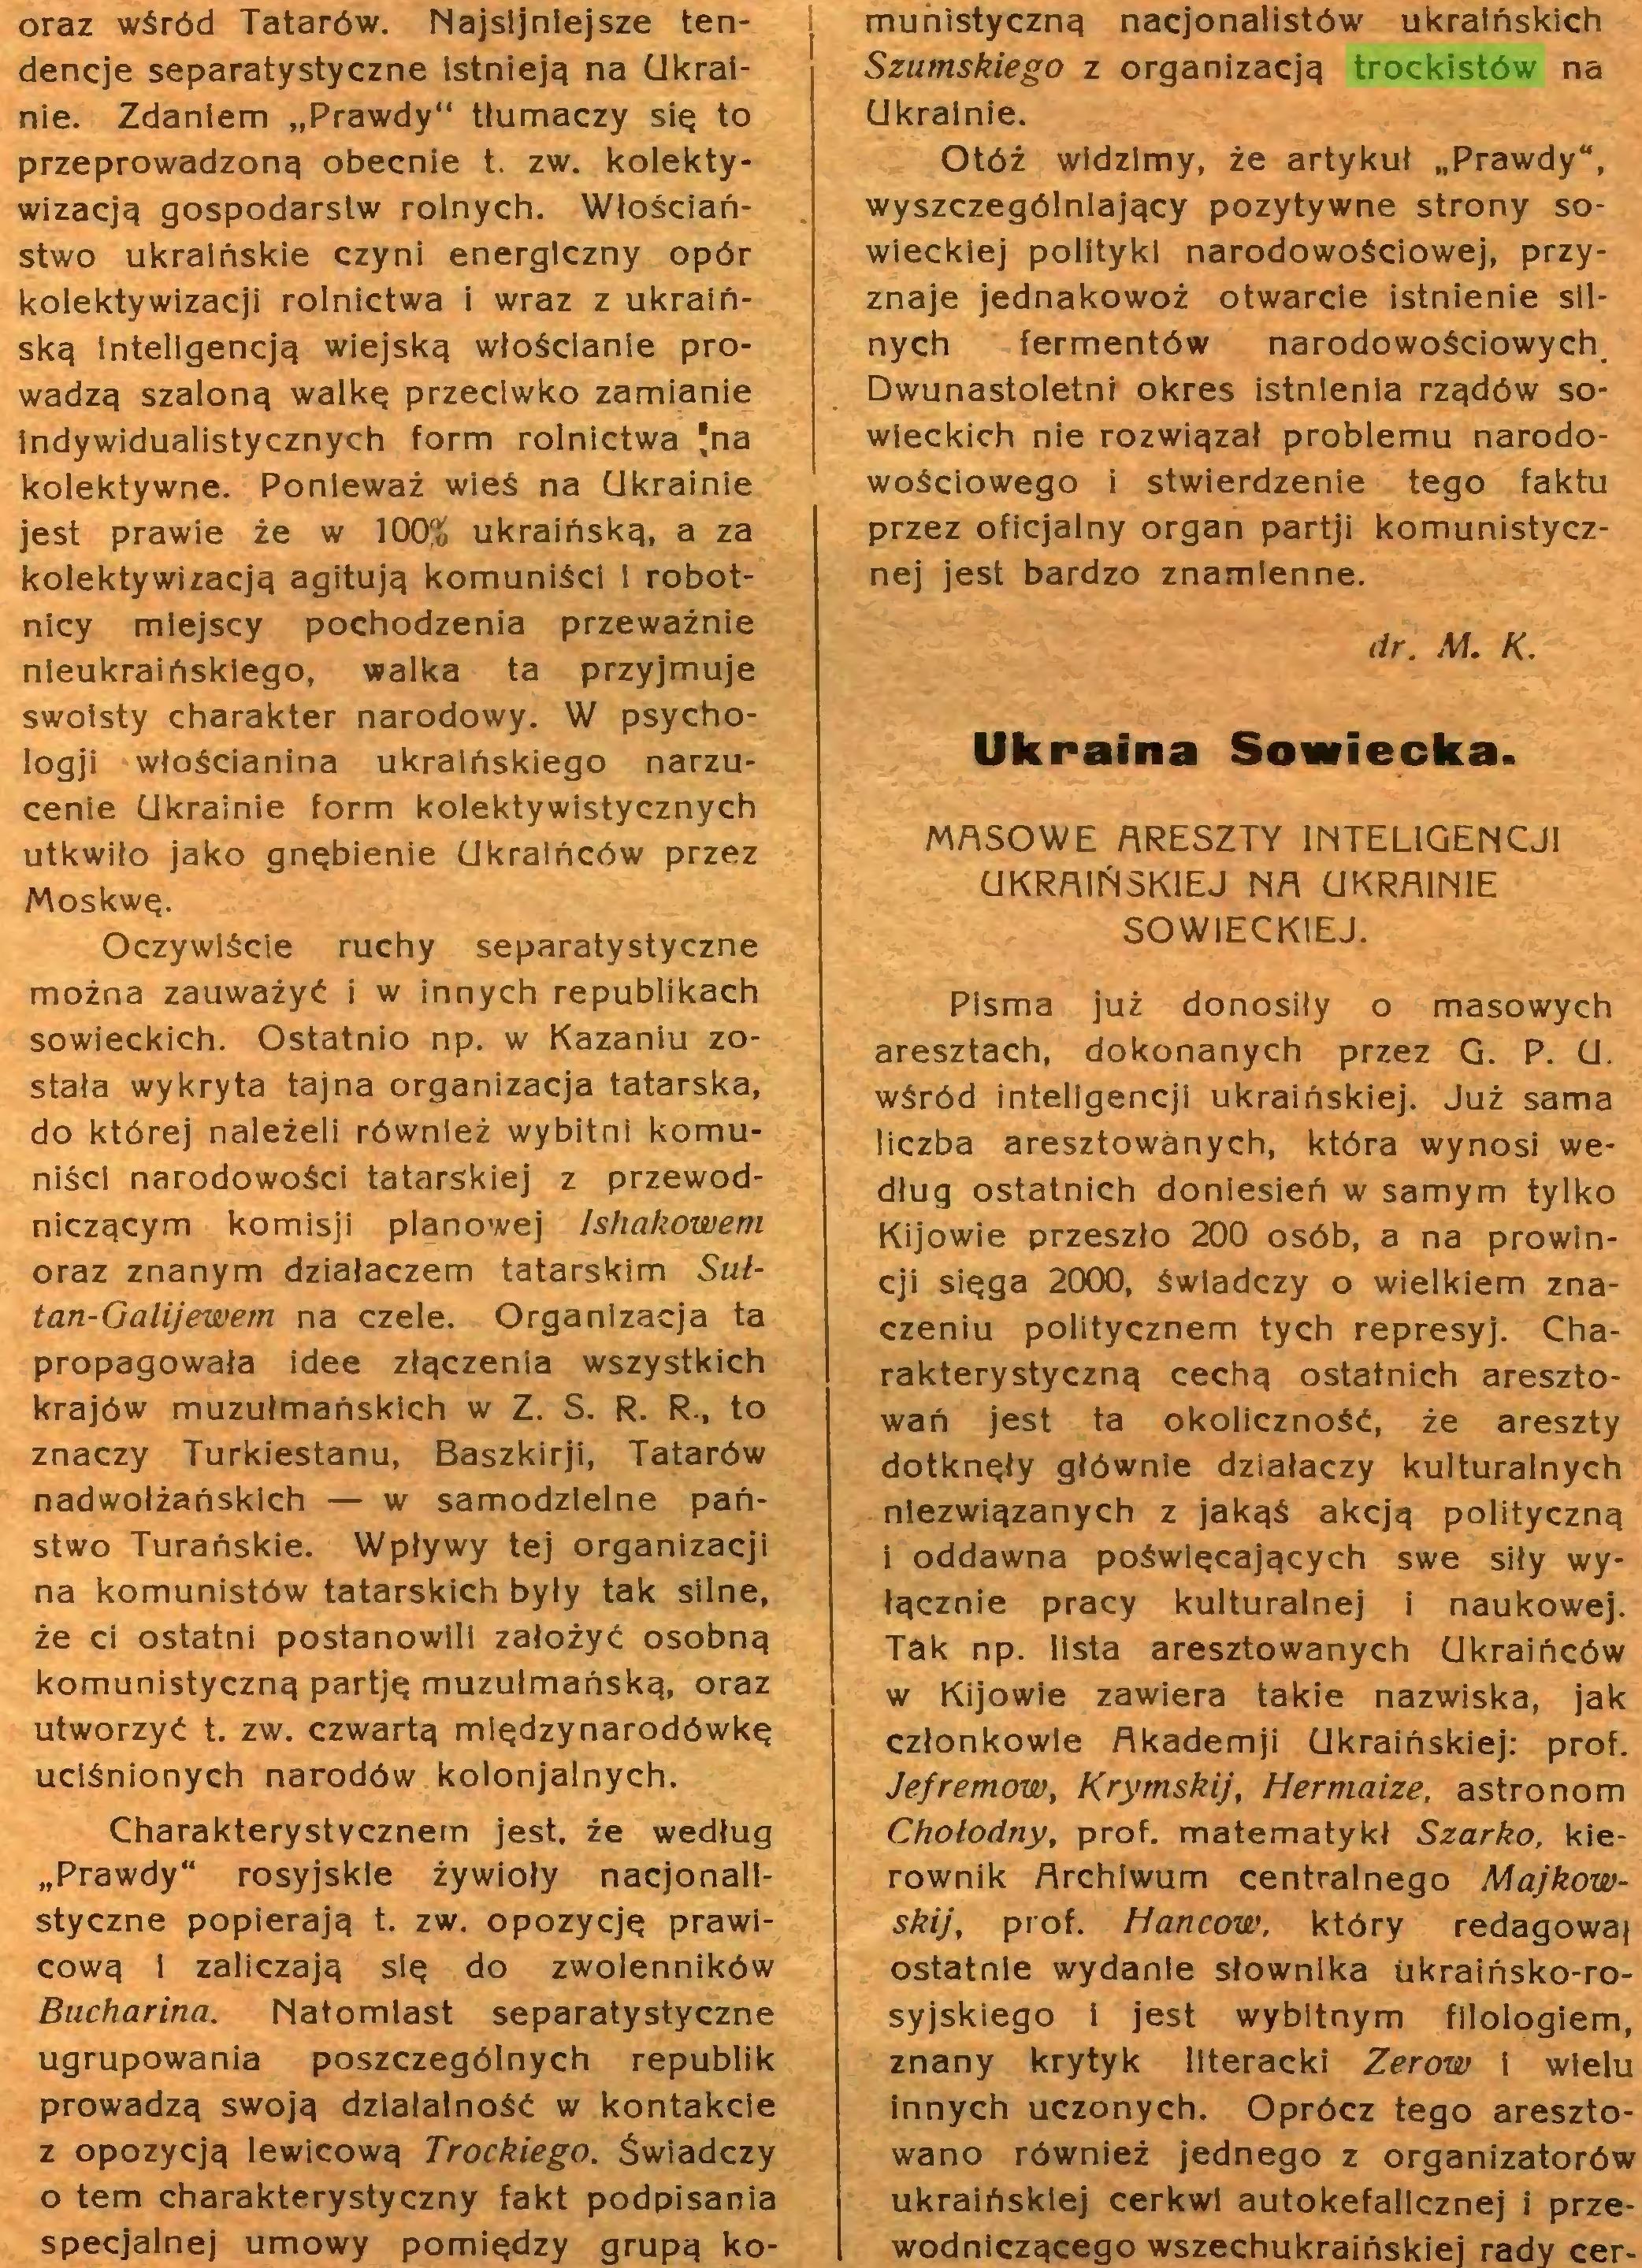 (...) z opozycją lewicową Trockiego. Świadczy o tern charakterystyczny fakt podpisania specjalnej umowy pomiędzy grupą ko¬ munistyczną nacjonalistów ukraińskich Szumskiego z organizacją trockistów na Ukrainie...